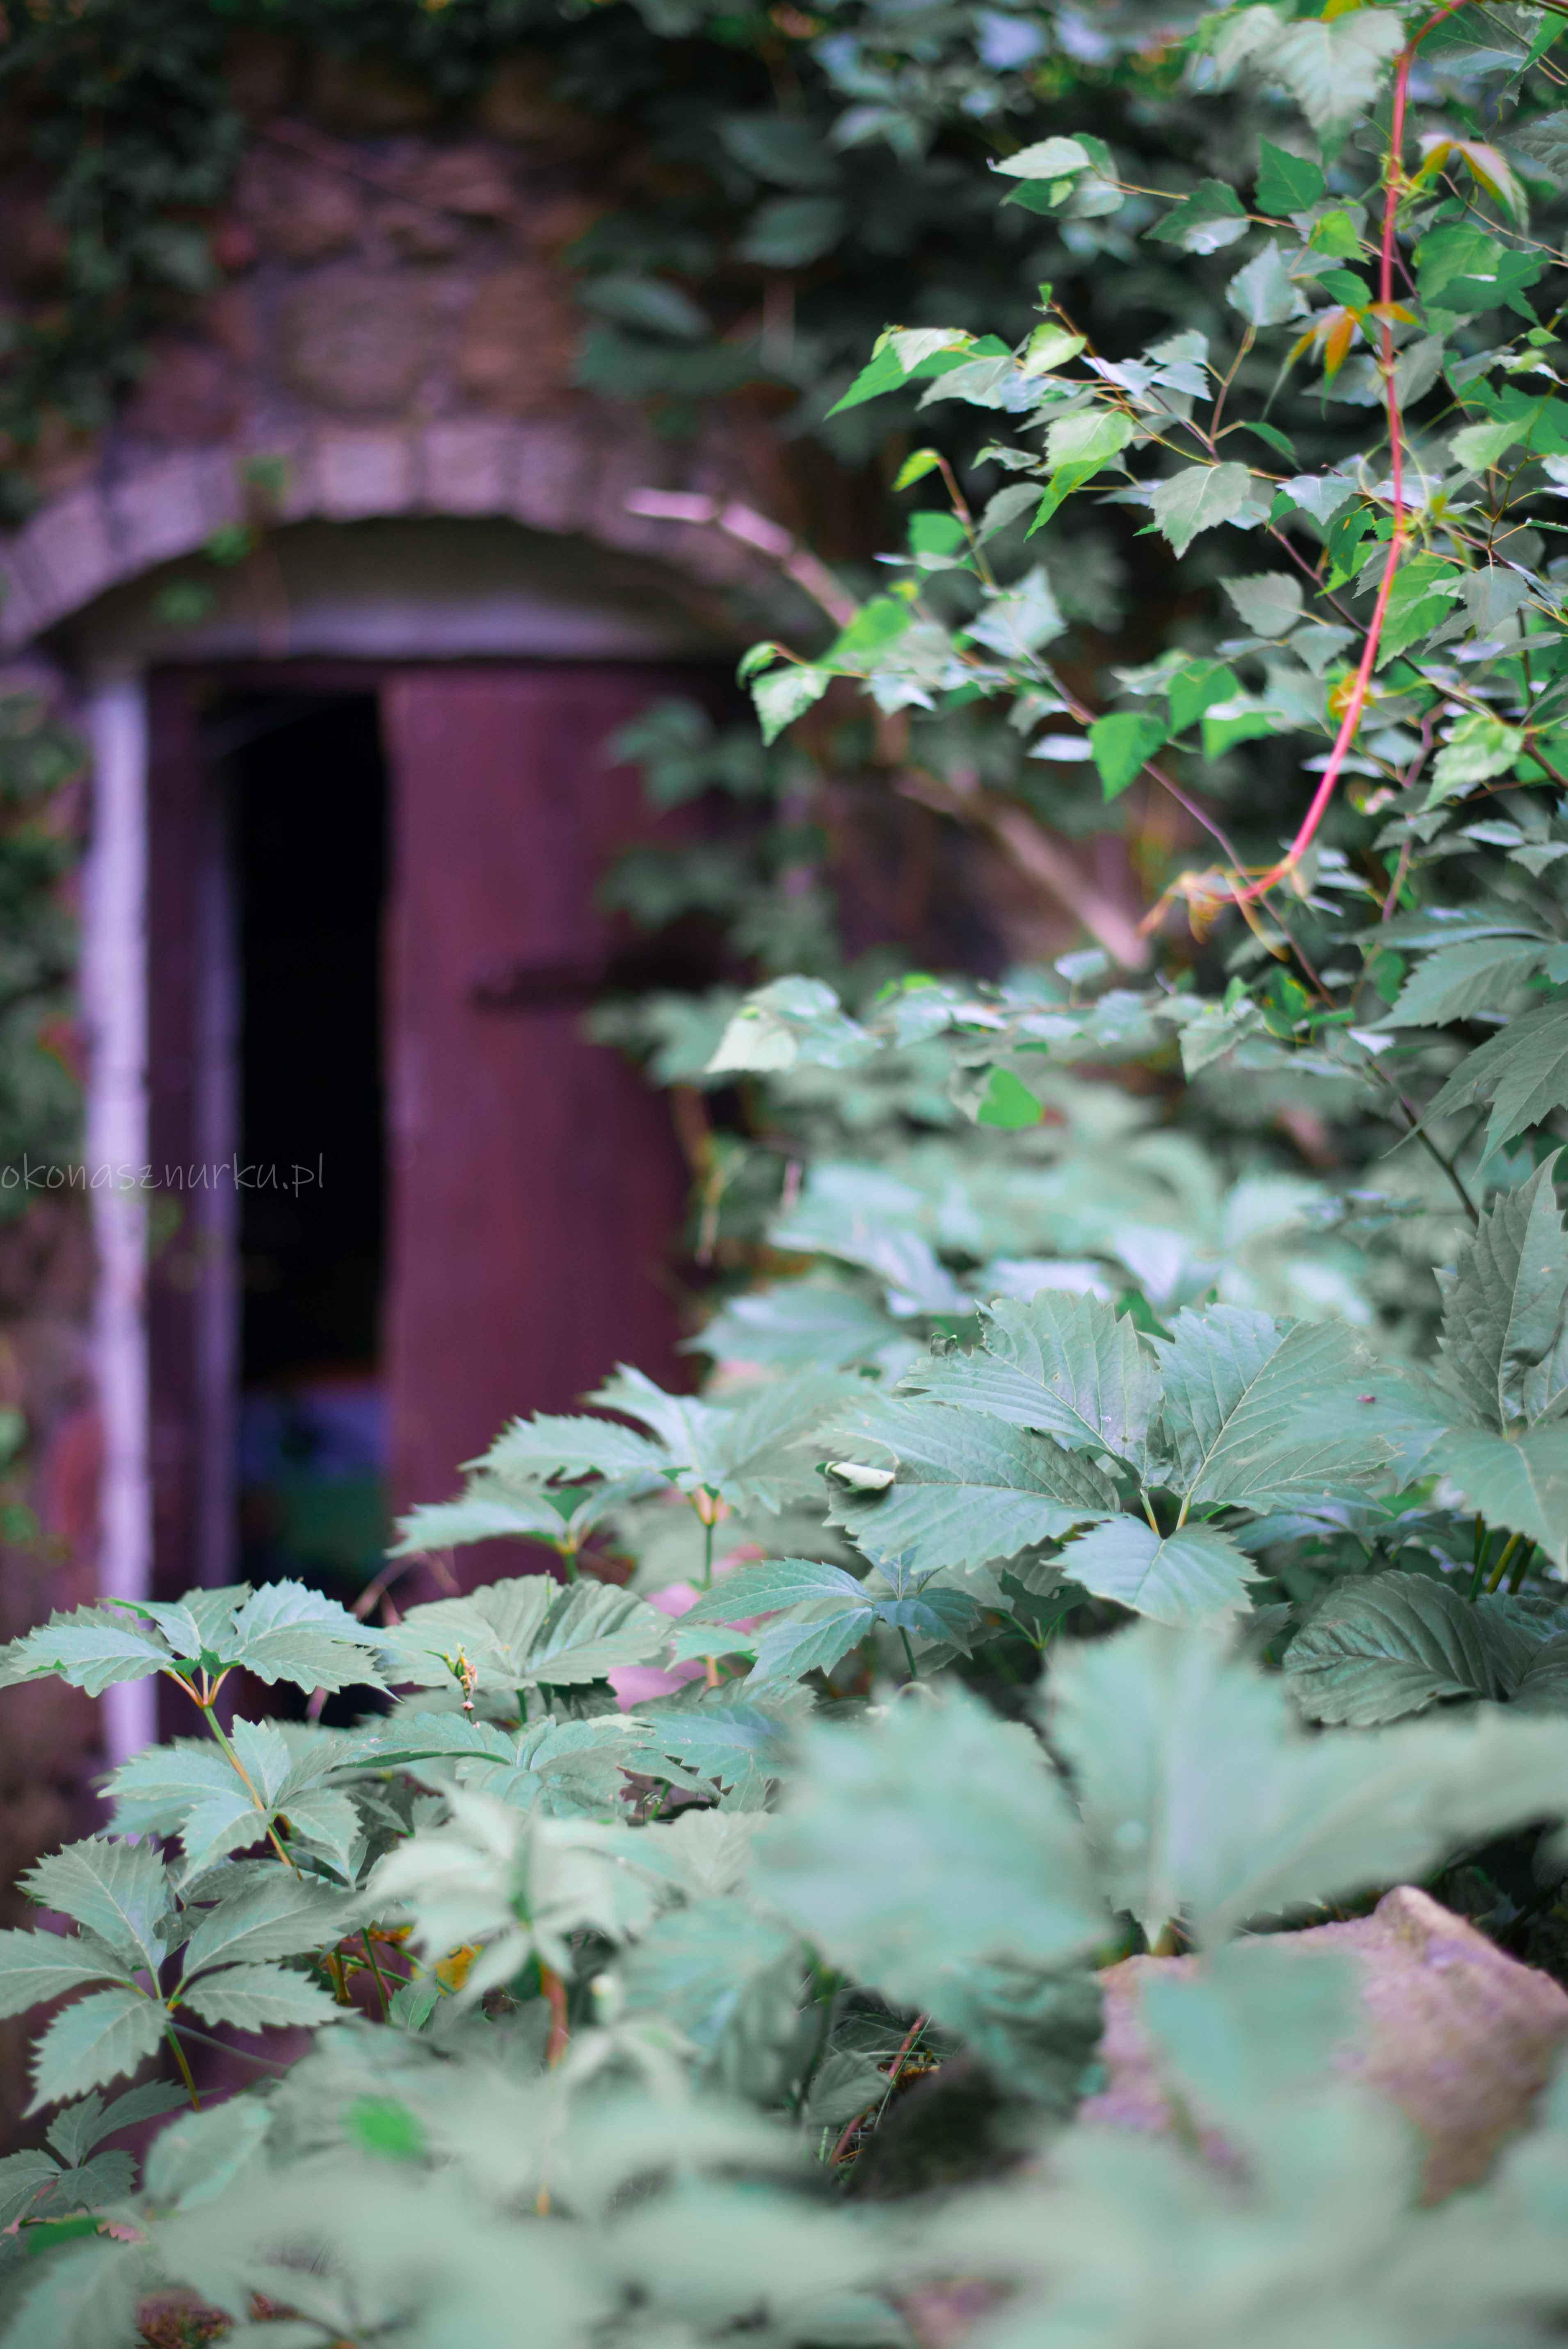 okonasznurku-natura-zdjecia-wroclaw (6)